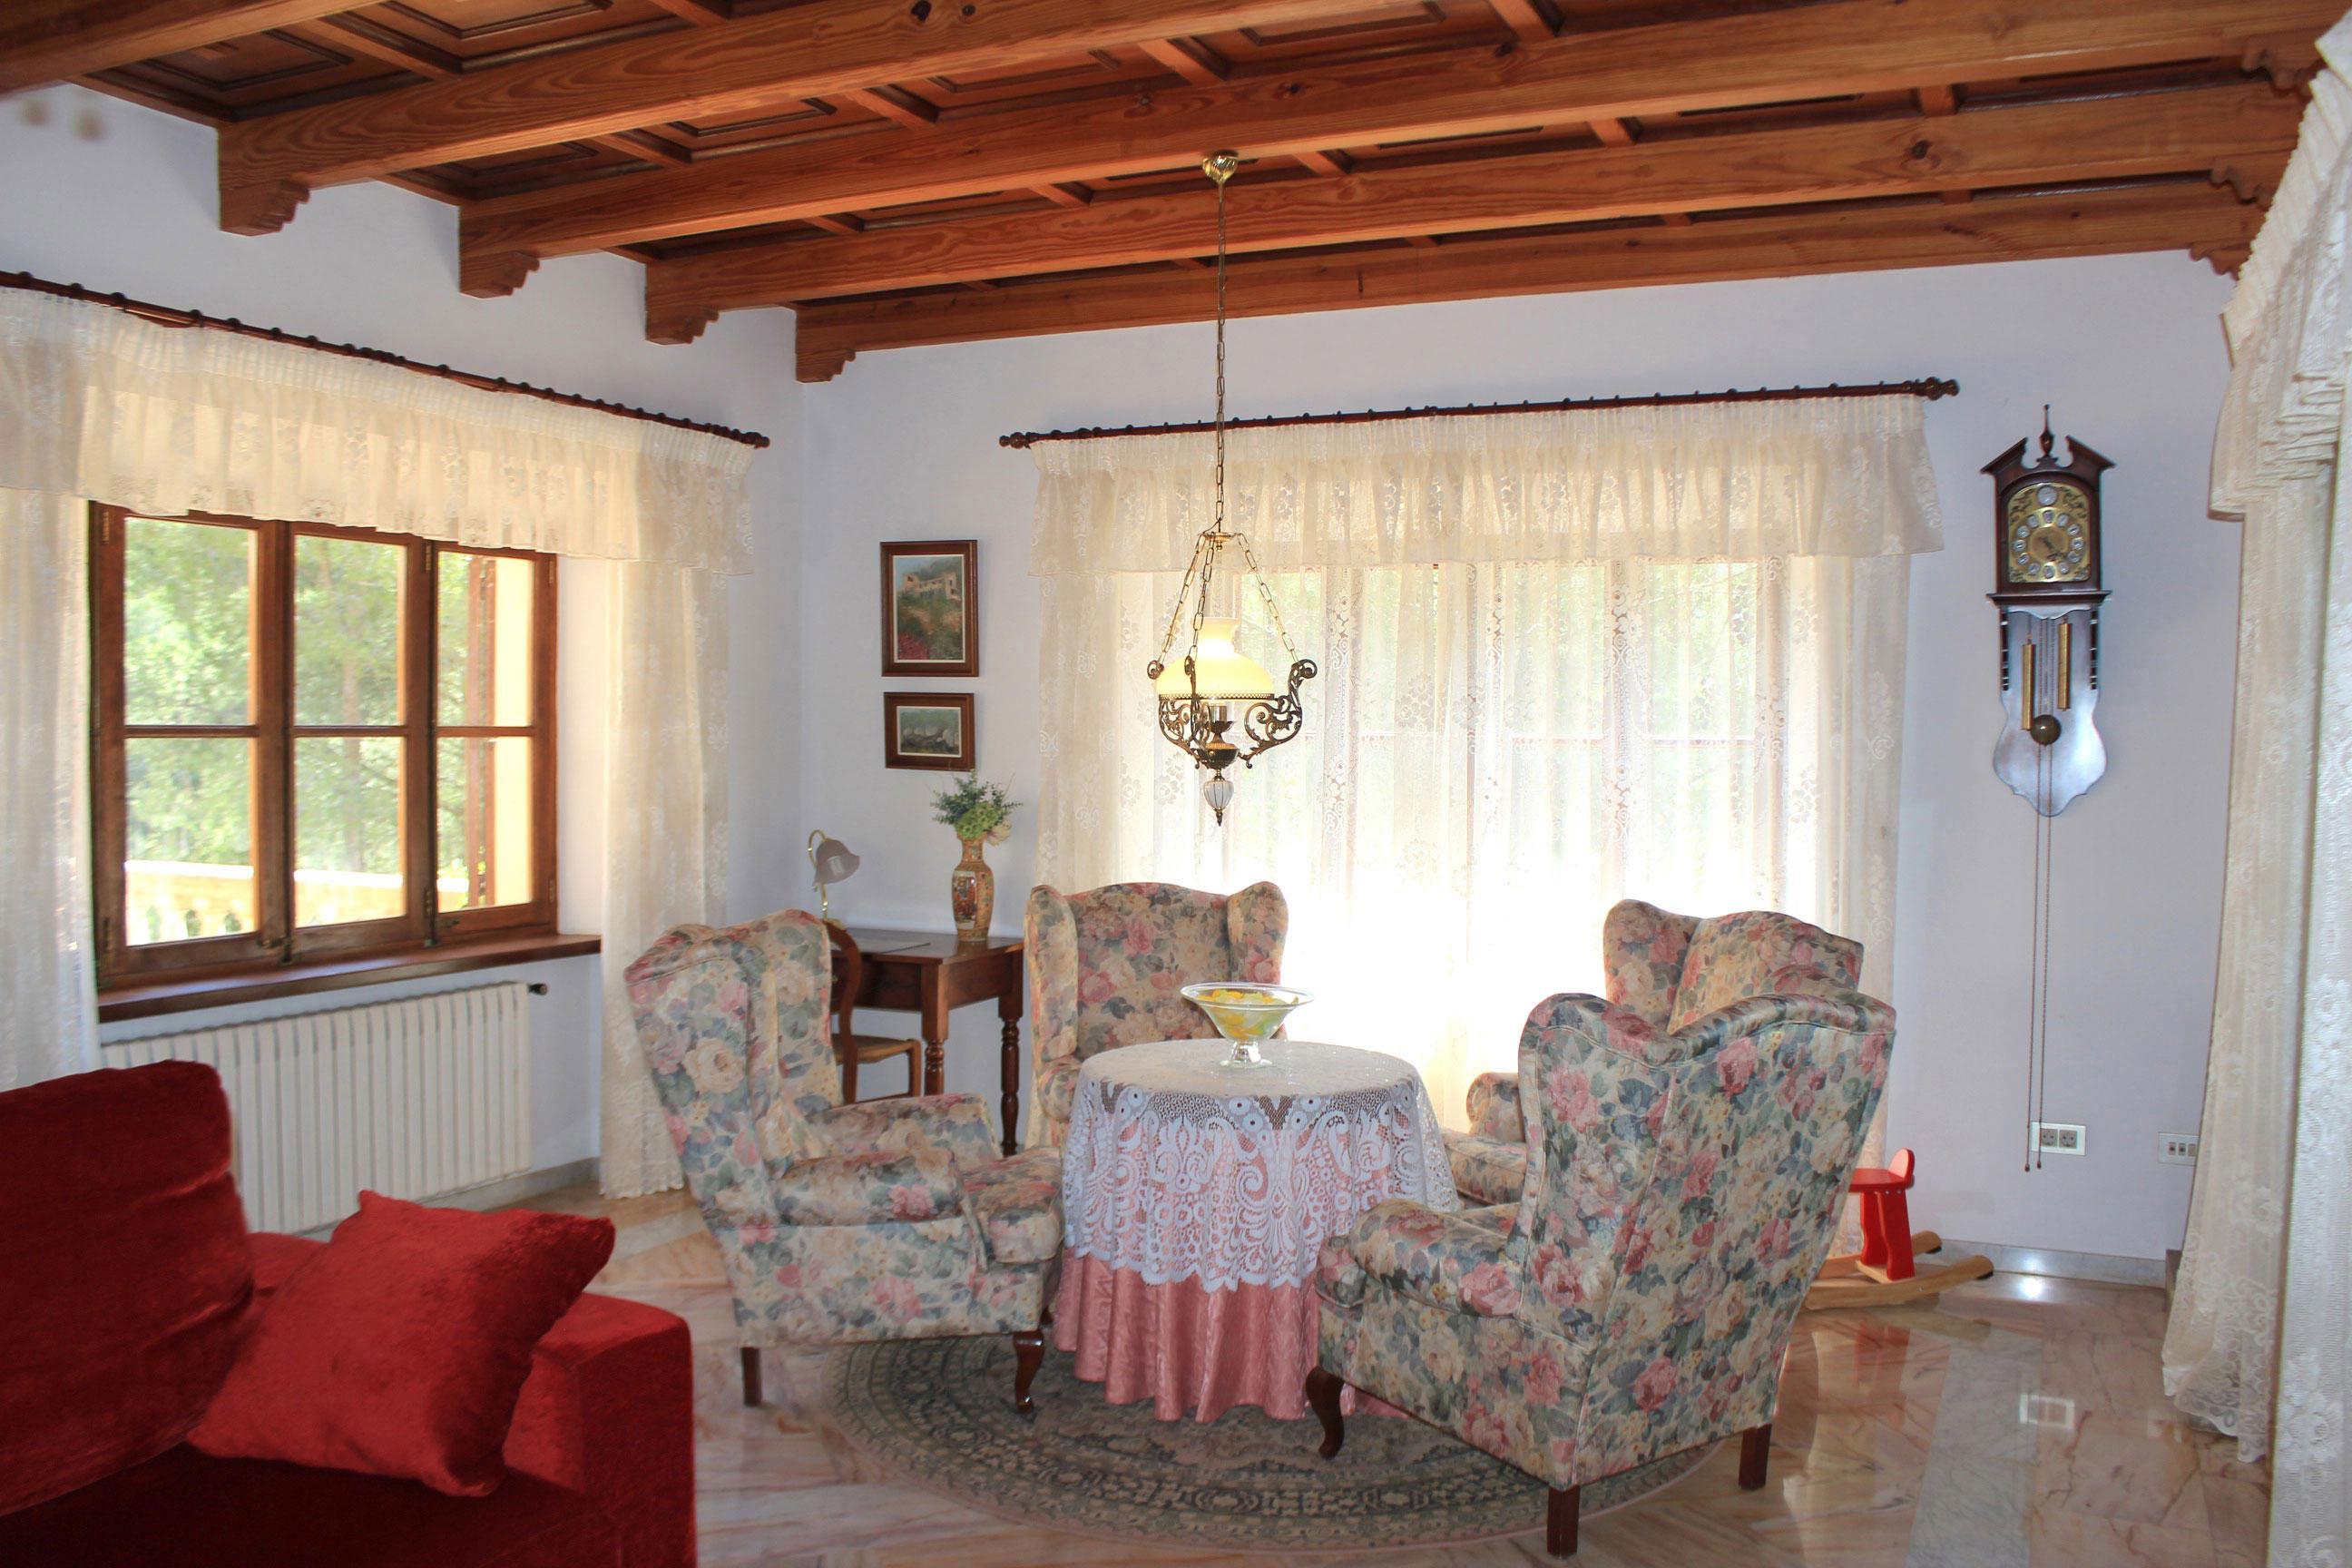 Imágenes de la propiedad inmobiliaria de Mucho espacio para una gran familia...